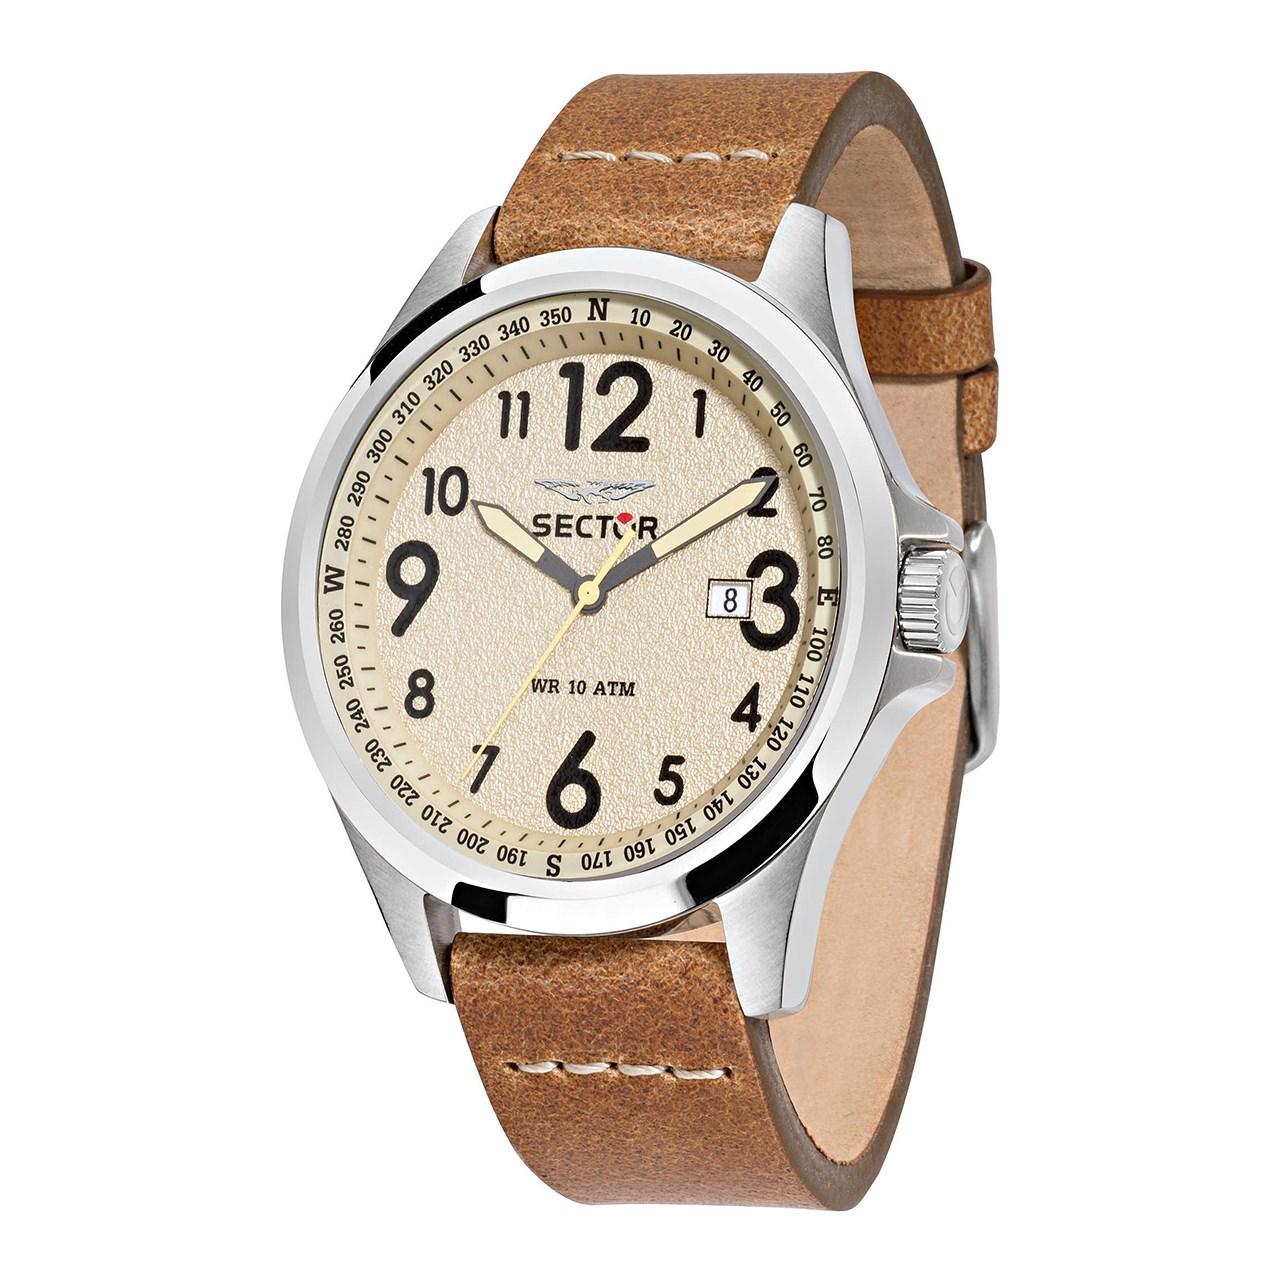 ساعت مچی عقربه ای مردانه  سکتور مدل 180-3251180012